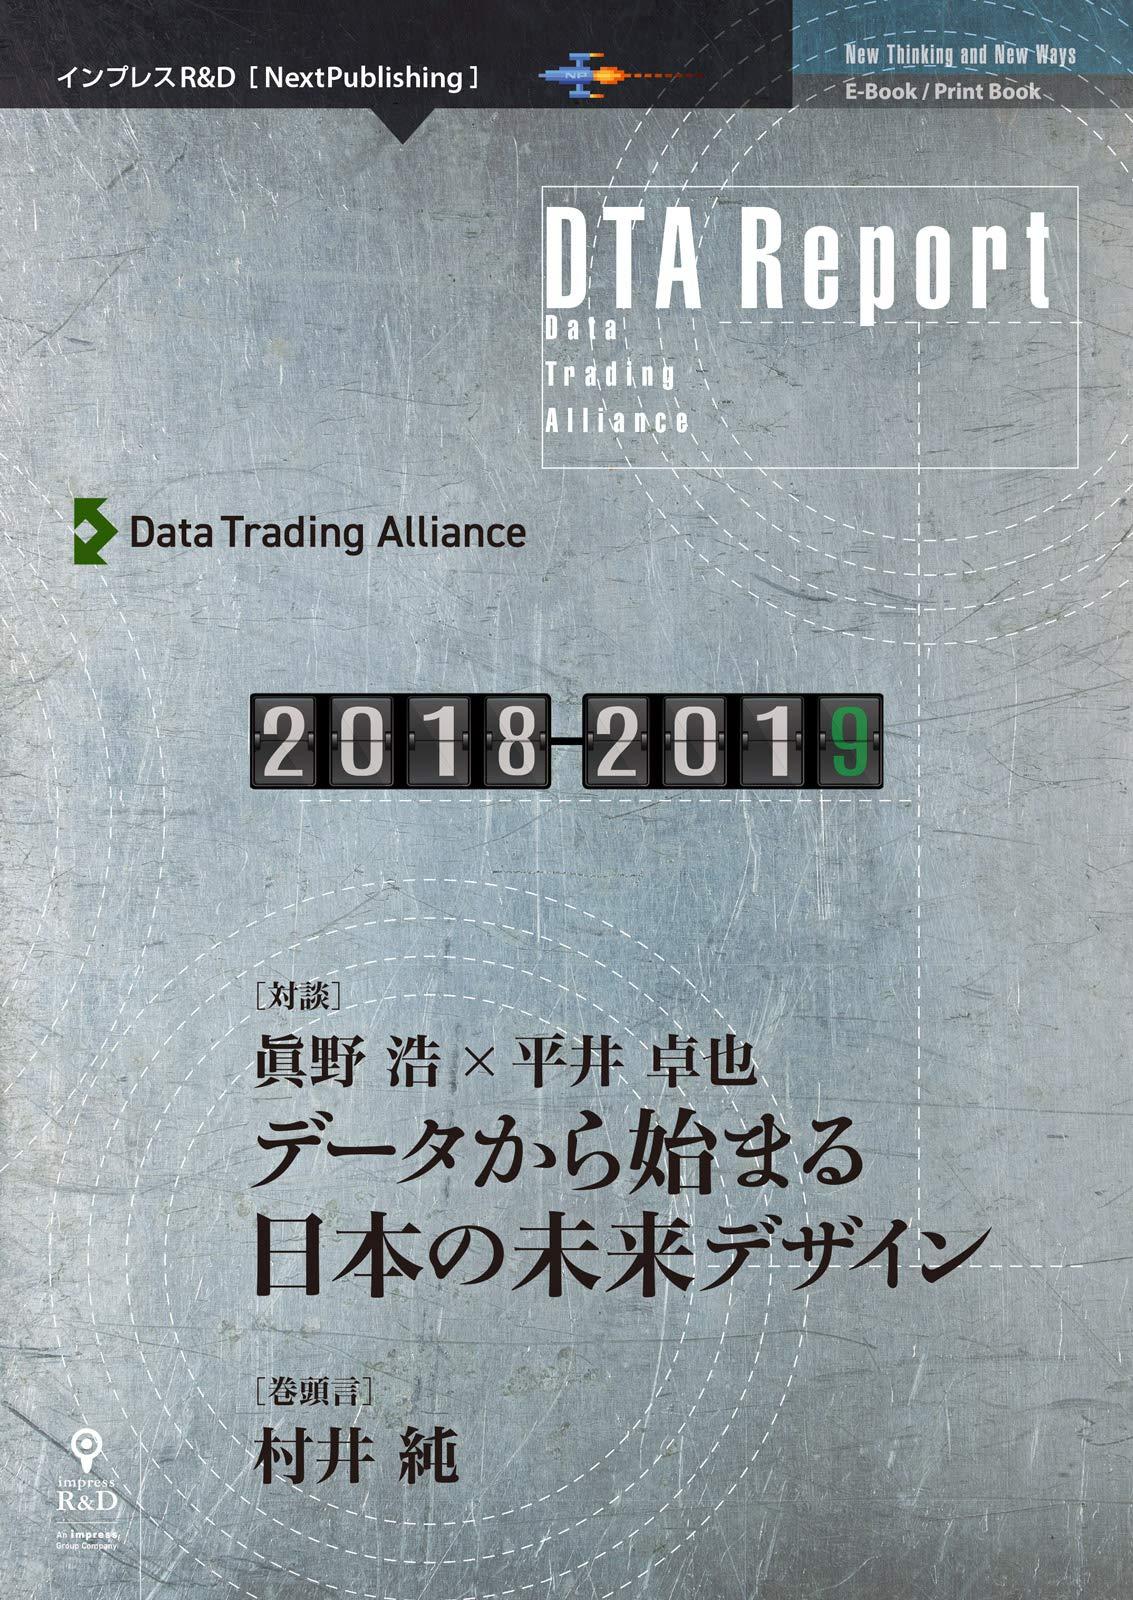 DTA Report 2018-2019 データから始まる日本の未来デザイン